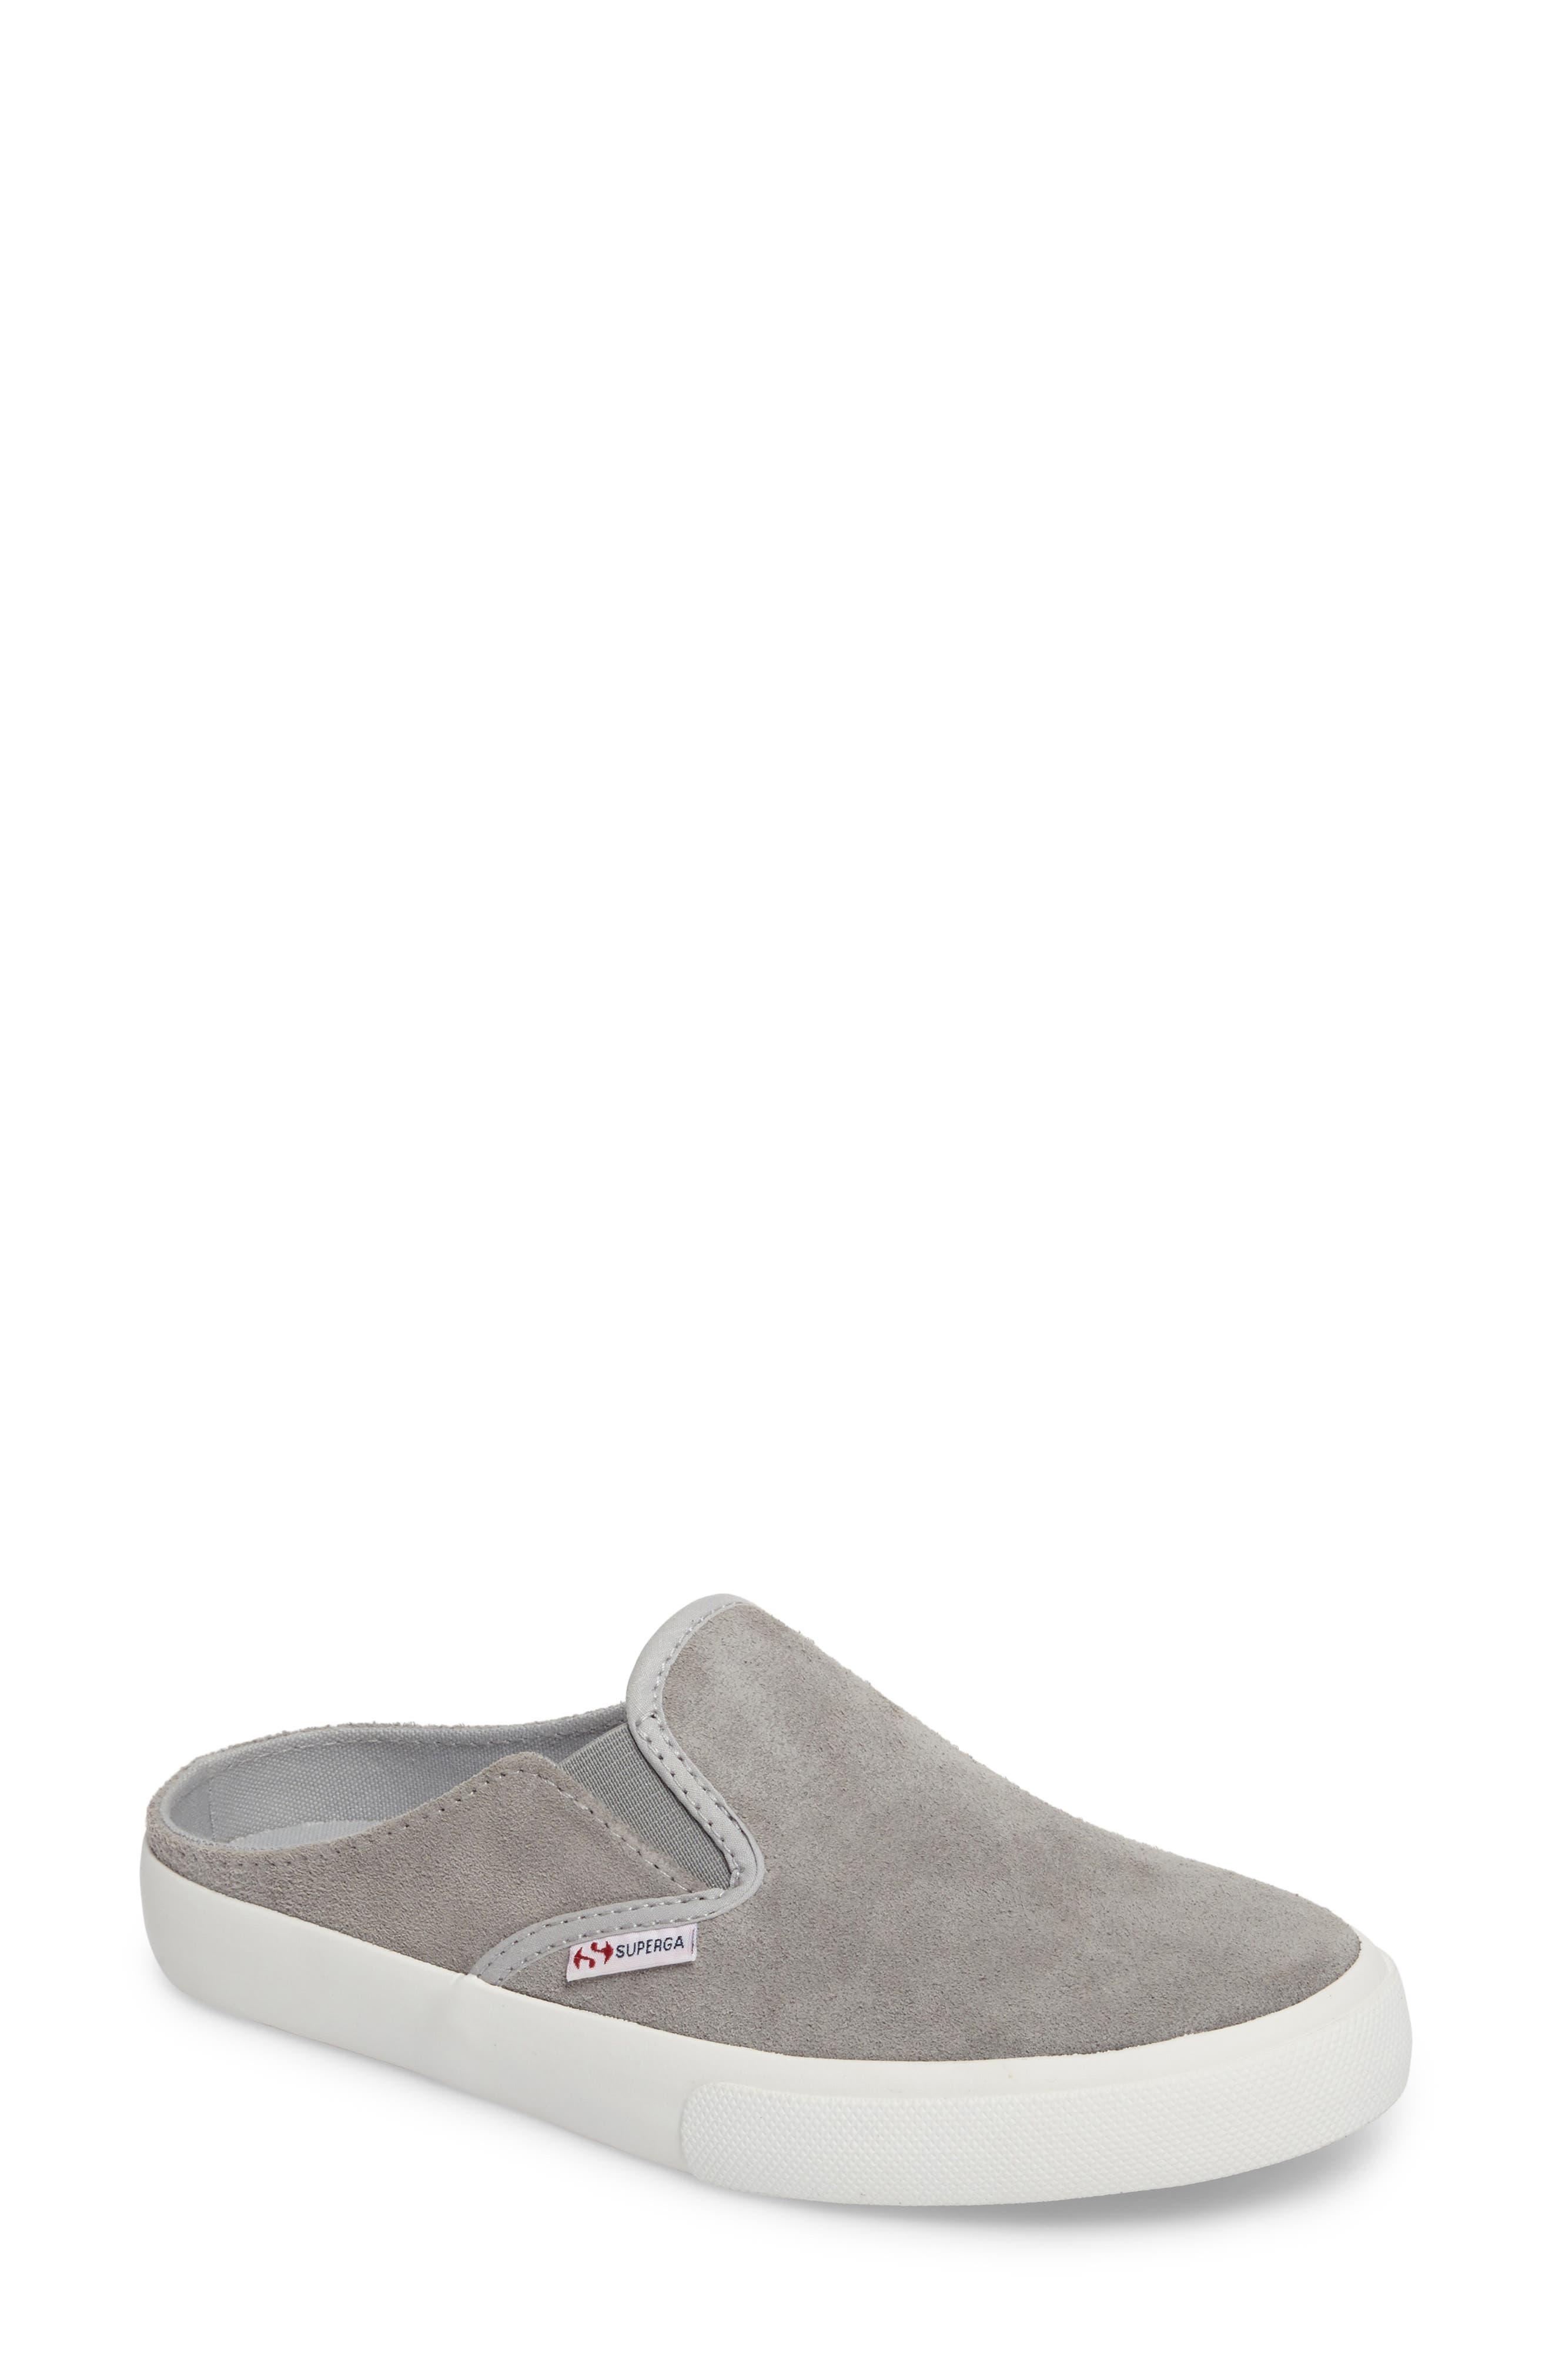 Alternate Image 1 Selected - Superga Slip-On Mule Sneaker (Women)